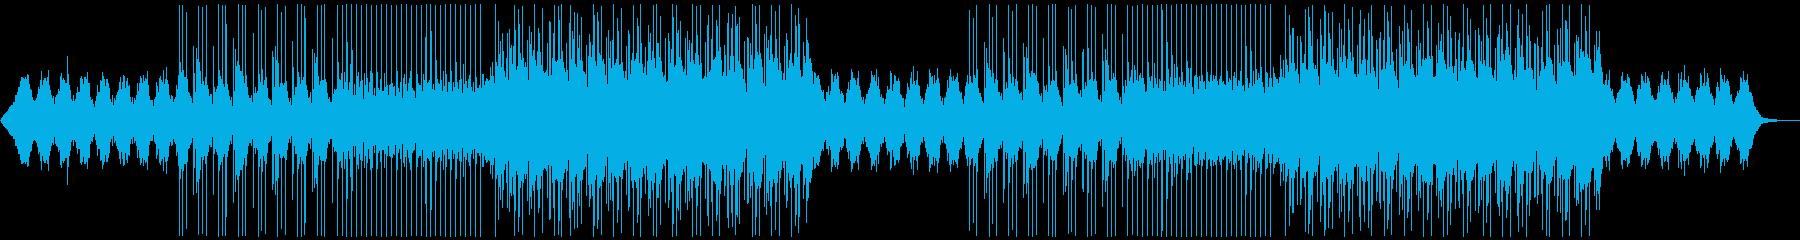 キラキラな透明感 (Inst)の再生済みの波形